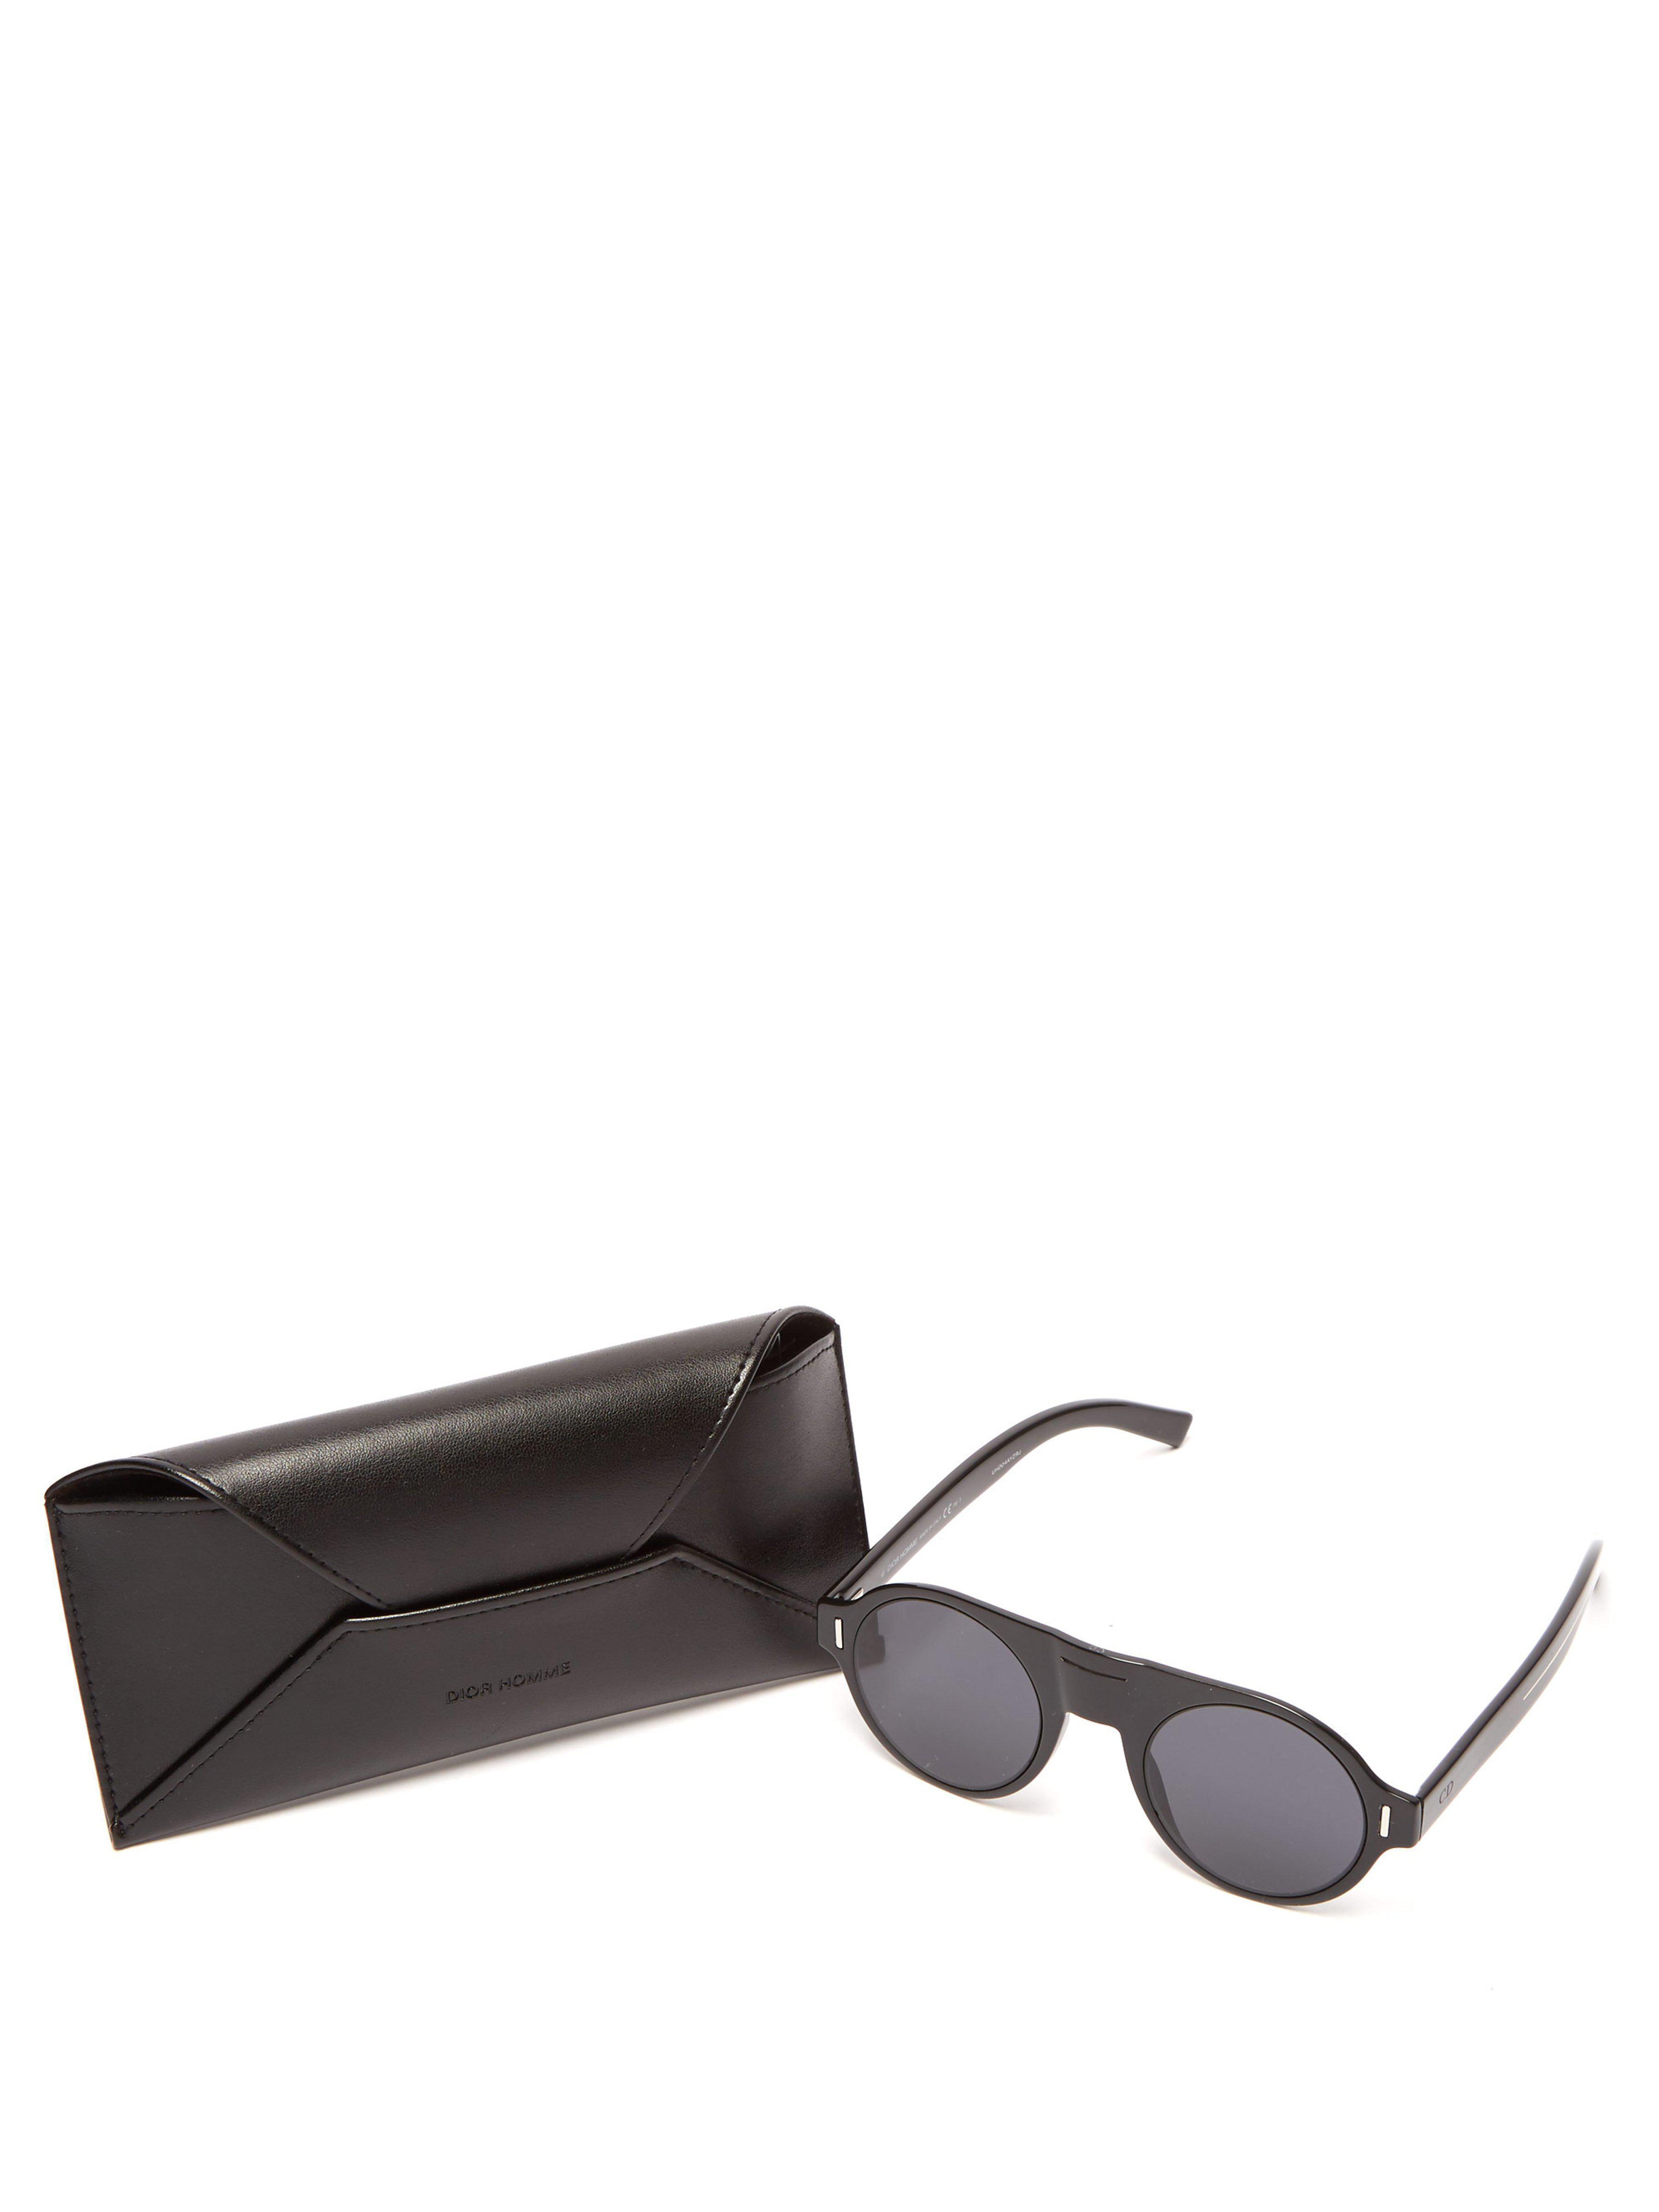 0a7f38eb4c Lunettes de soleil rondes en acétate DiorFraction2 Dior Homme pour homme en  coloris Noir - Lyst